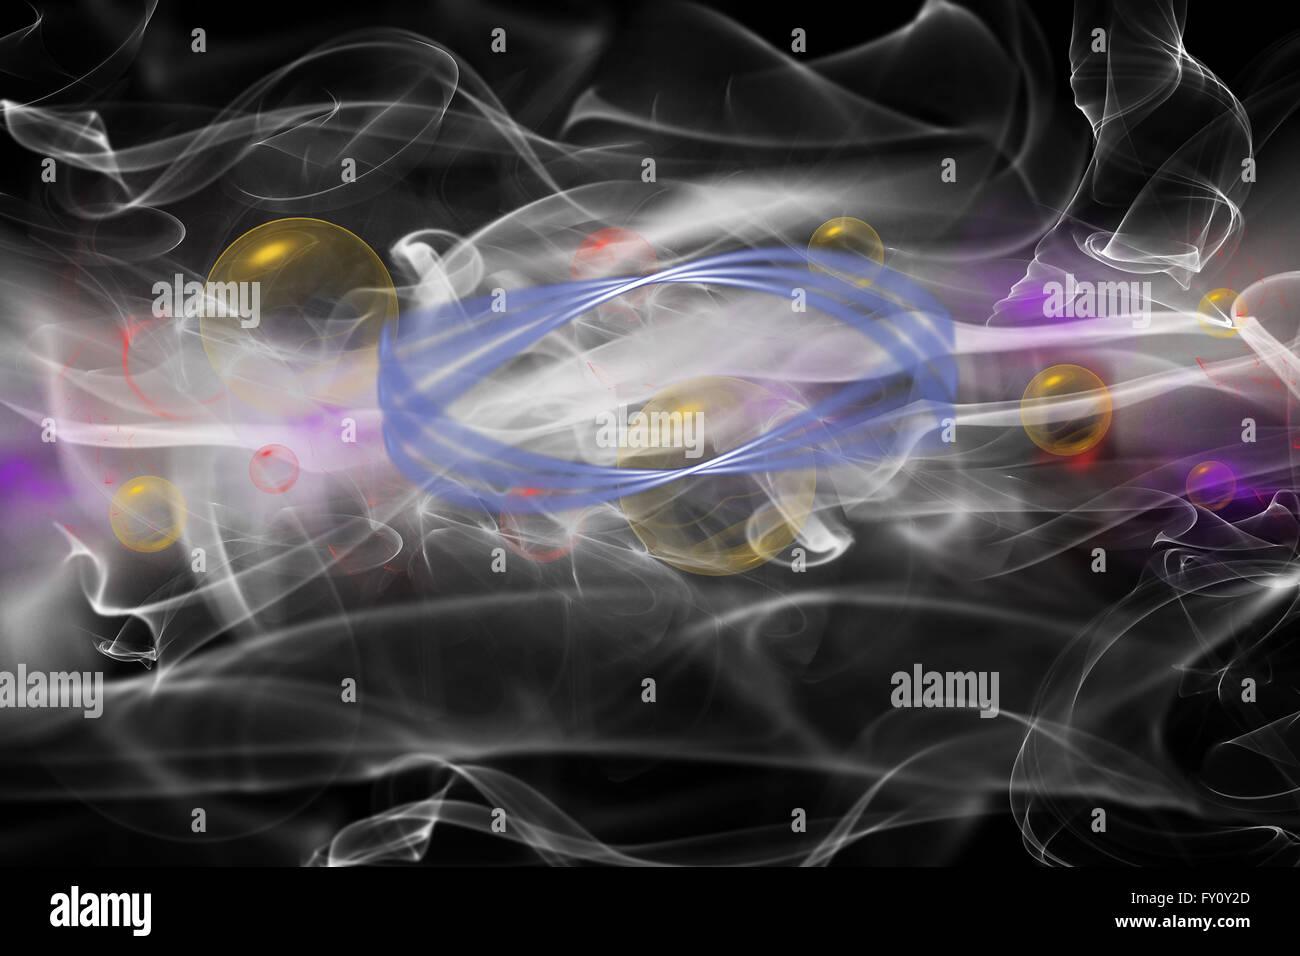 Resumen compuesto de color humo desenfocada, luces y objetos sobre el fondo negro. Imagen De Stock